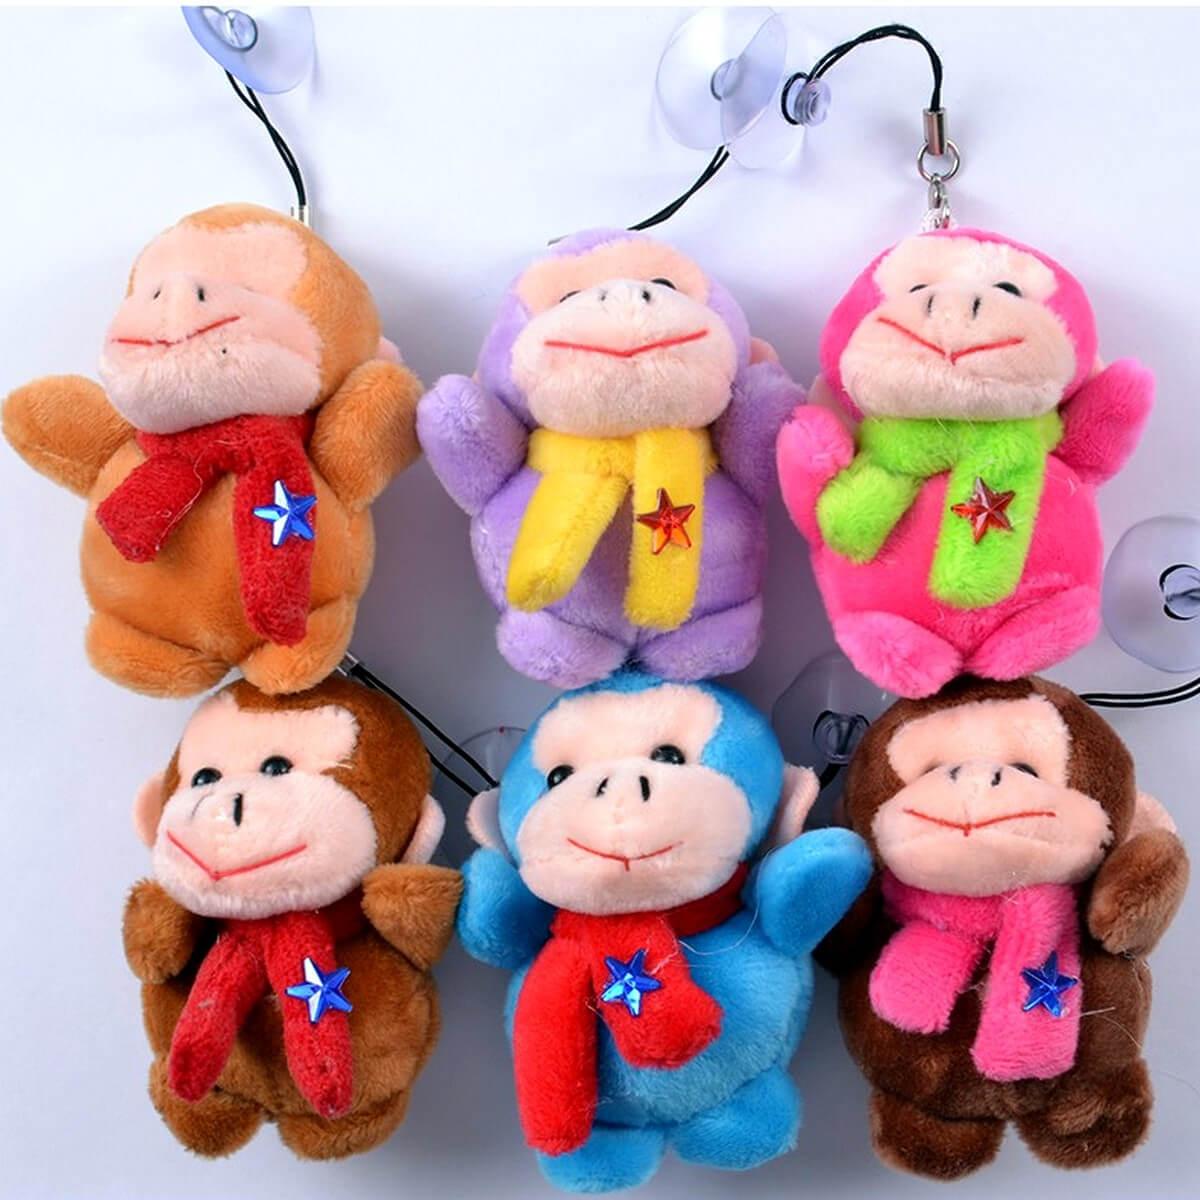 Набор мягких игрушек-брелков Обезьянки 1253-509